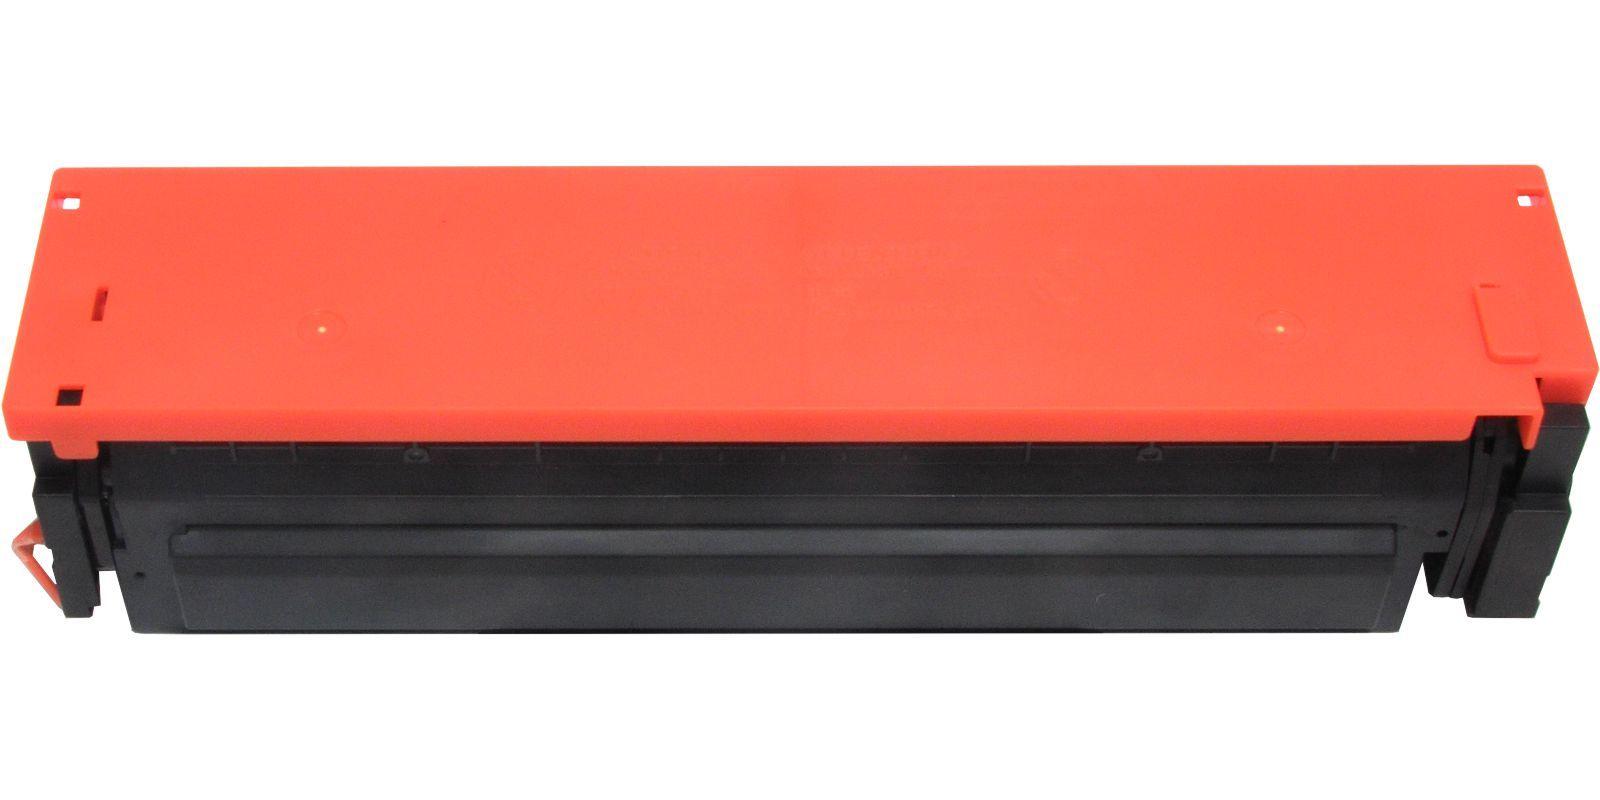 Картридж лазерный цветной MAK© 201A CF402A желтый (yellow), до 1400 стр.